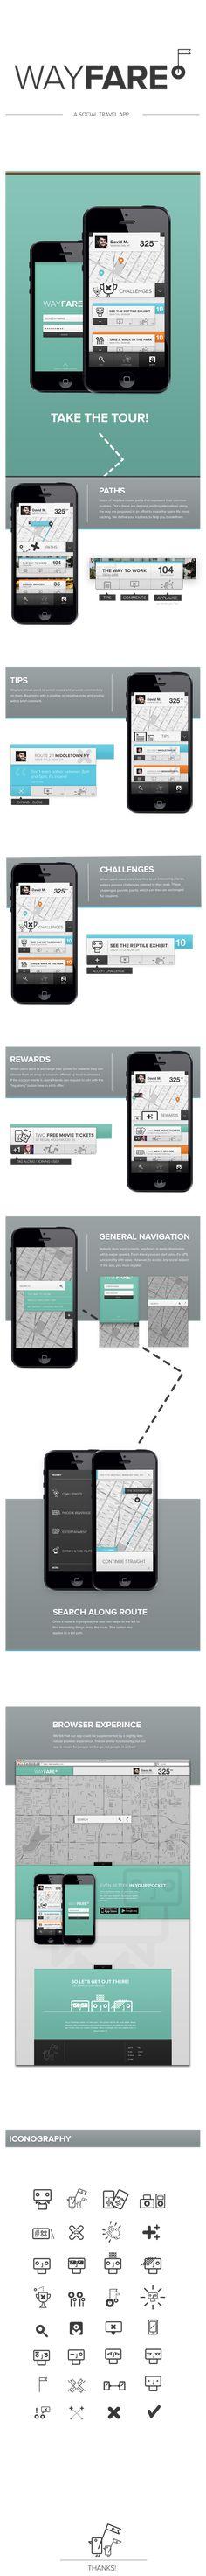 Wayfare by Matthew Mitchell #ui #ux #webdesign #app #design #social